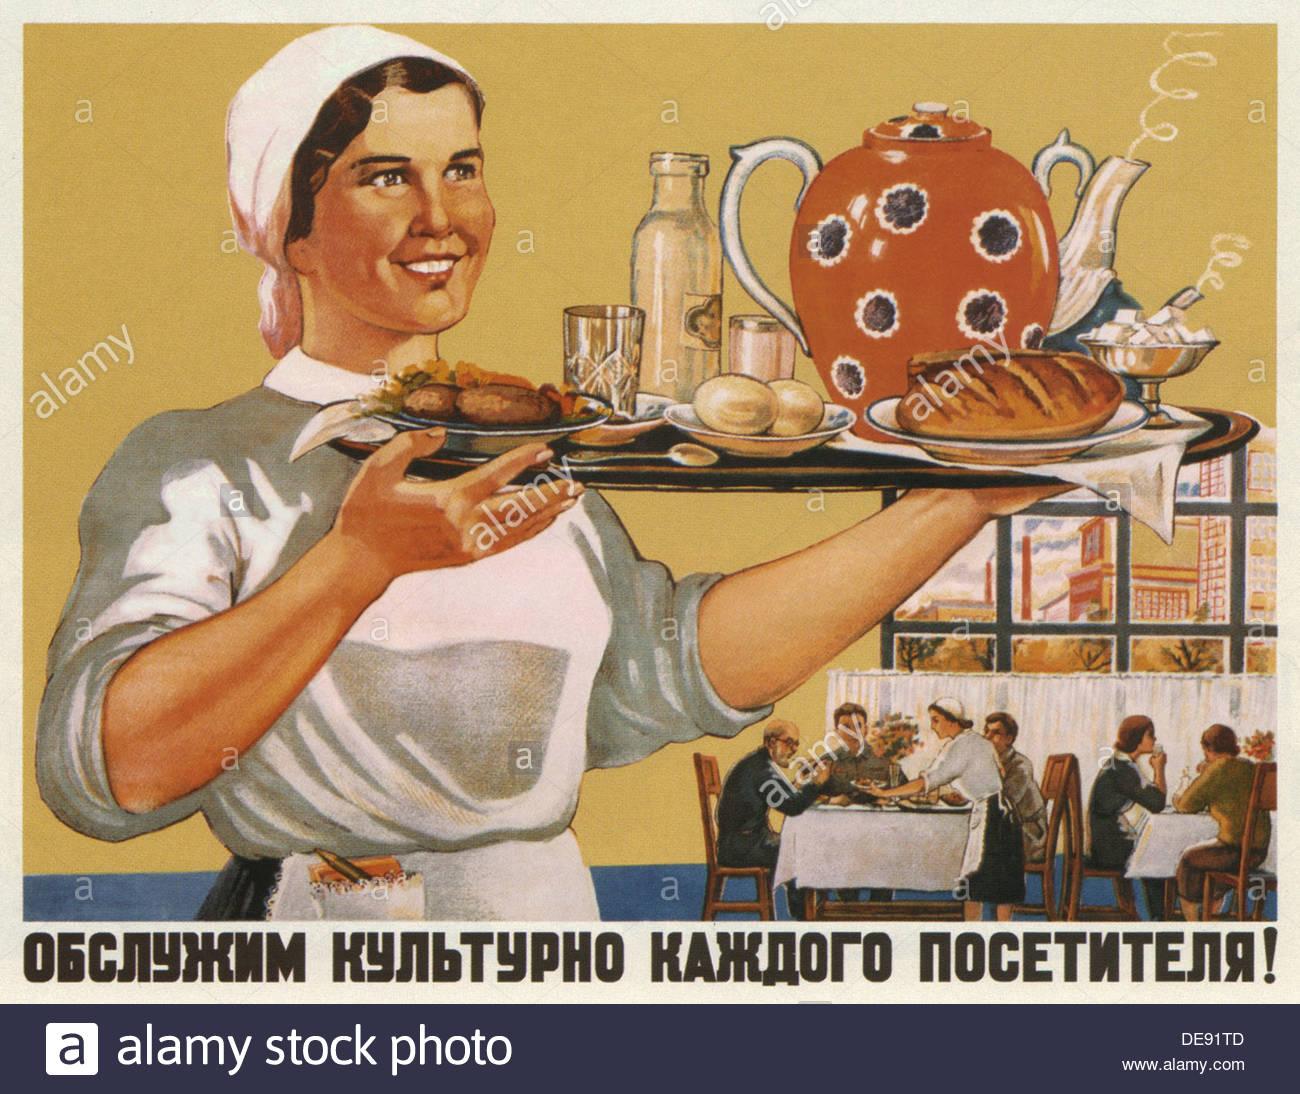 Serviremos a cada visitante educadamente!, 1948. Artista: Shubina, Galina Konstantinovna (1902-1980) Imagen De Stock